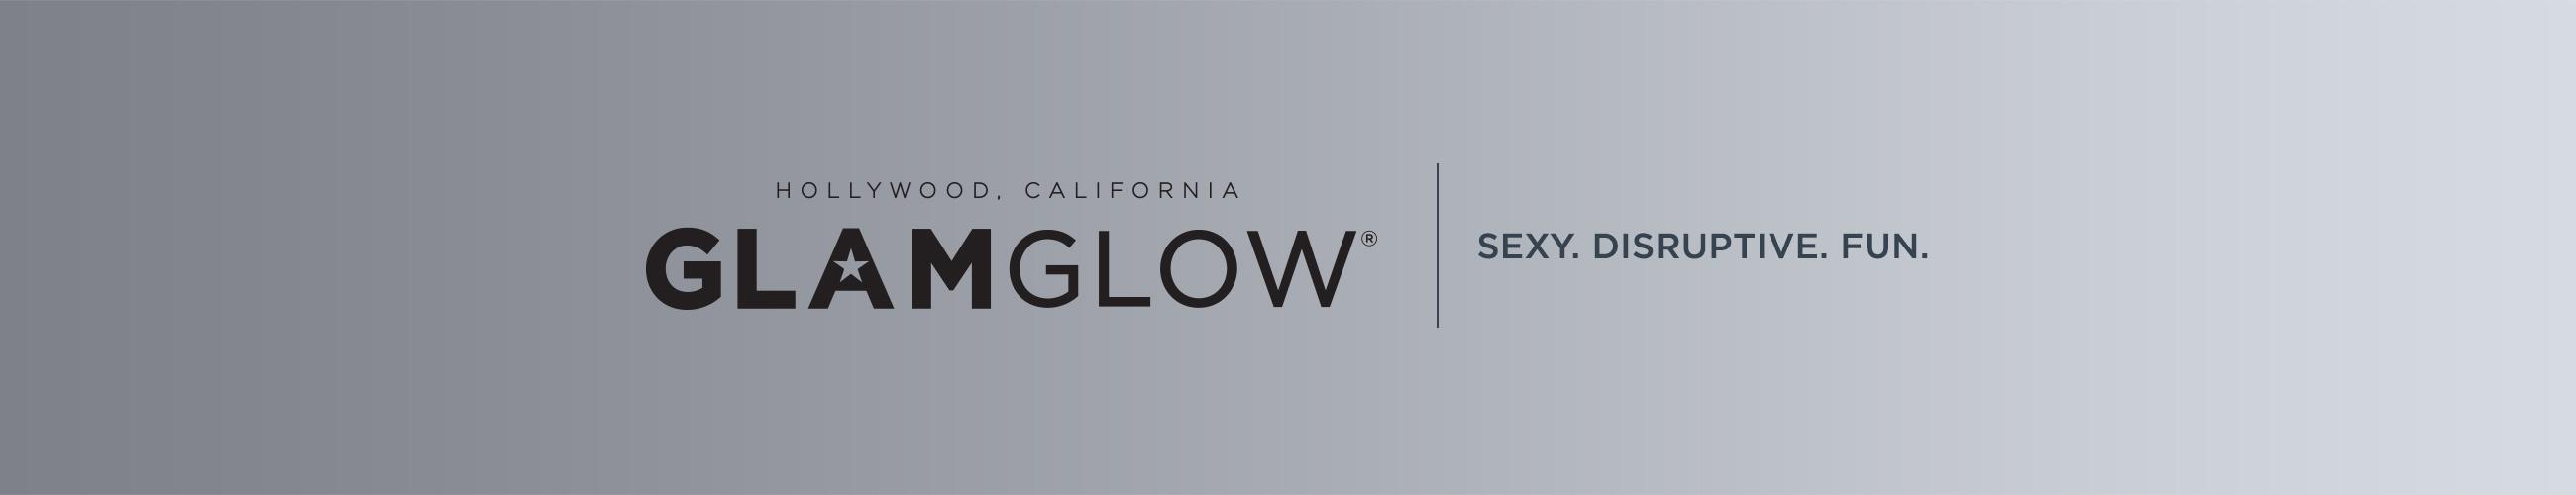 GLAMGLOW — Sexy. Disruptive. Fun.